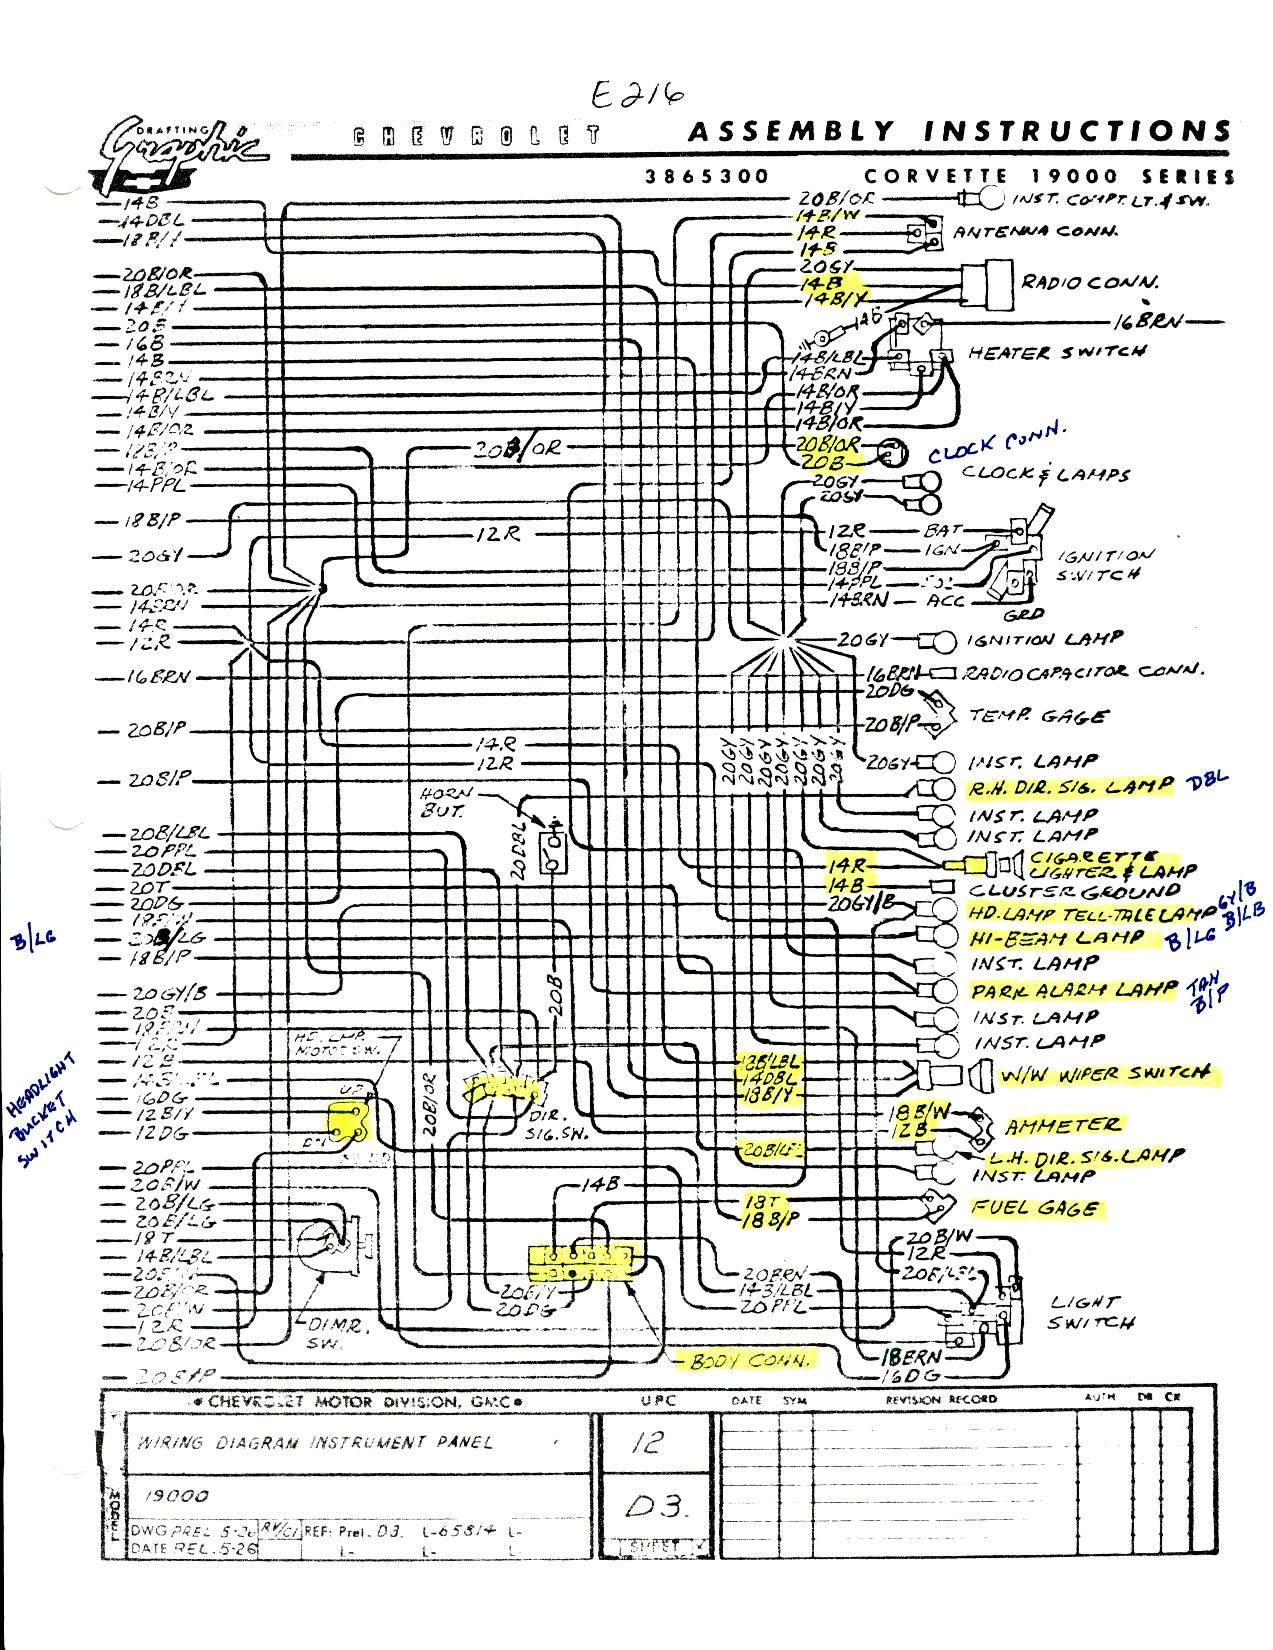 Tolle Heißwasserzylinderanschlüsse Diagramm Fotos - Schaltplan Serie ...